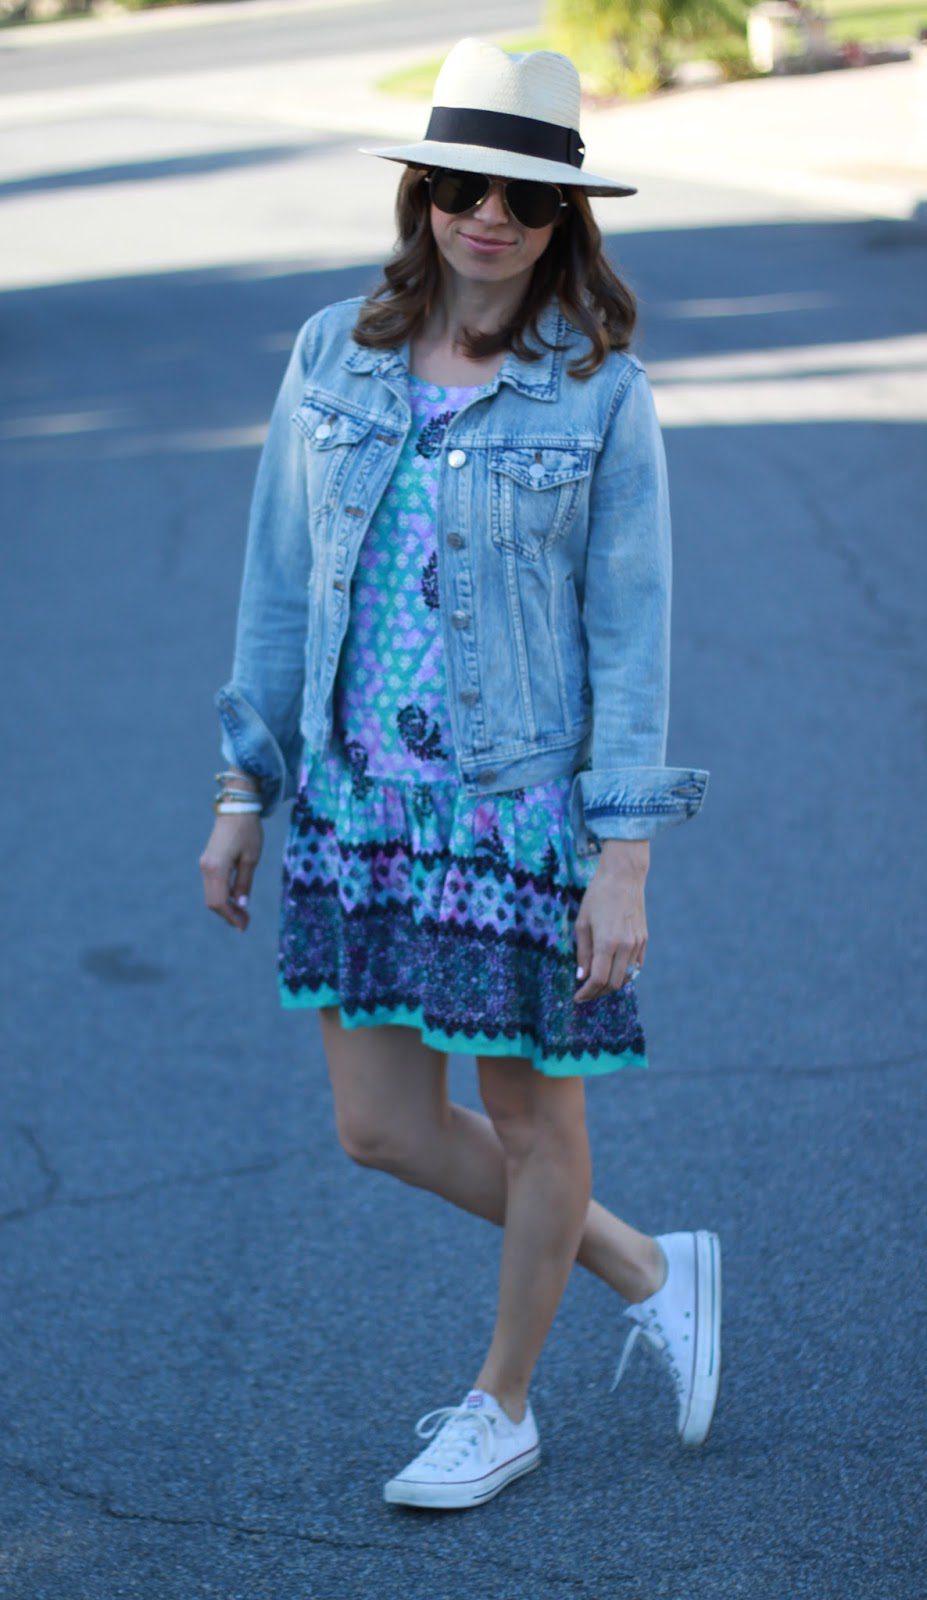 sundress and jean jacket